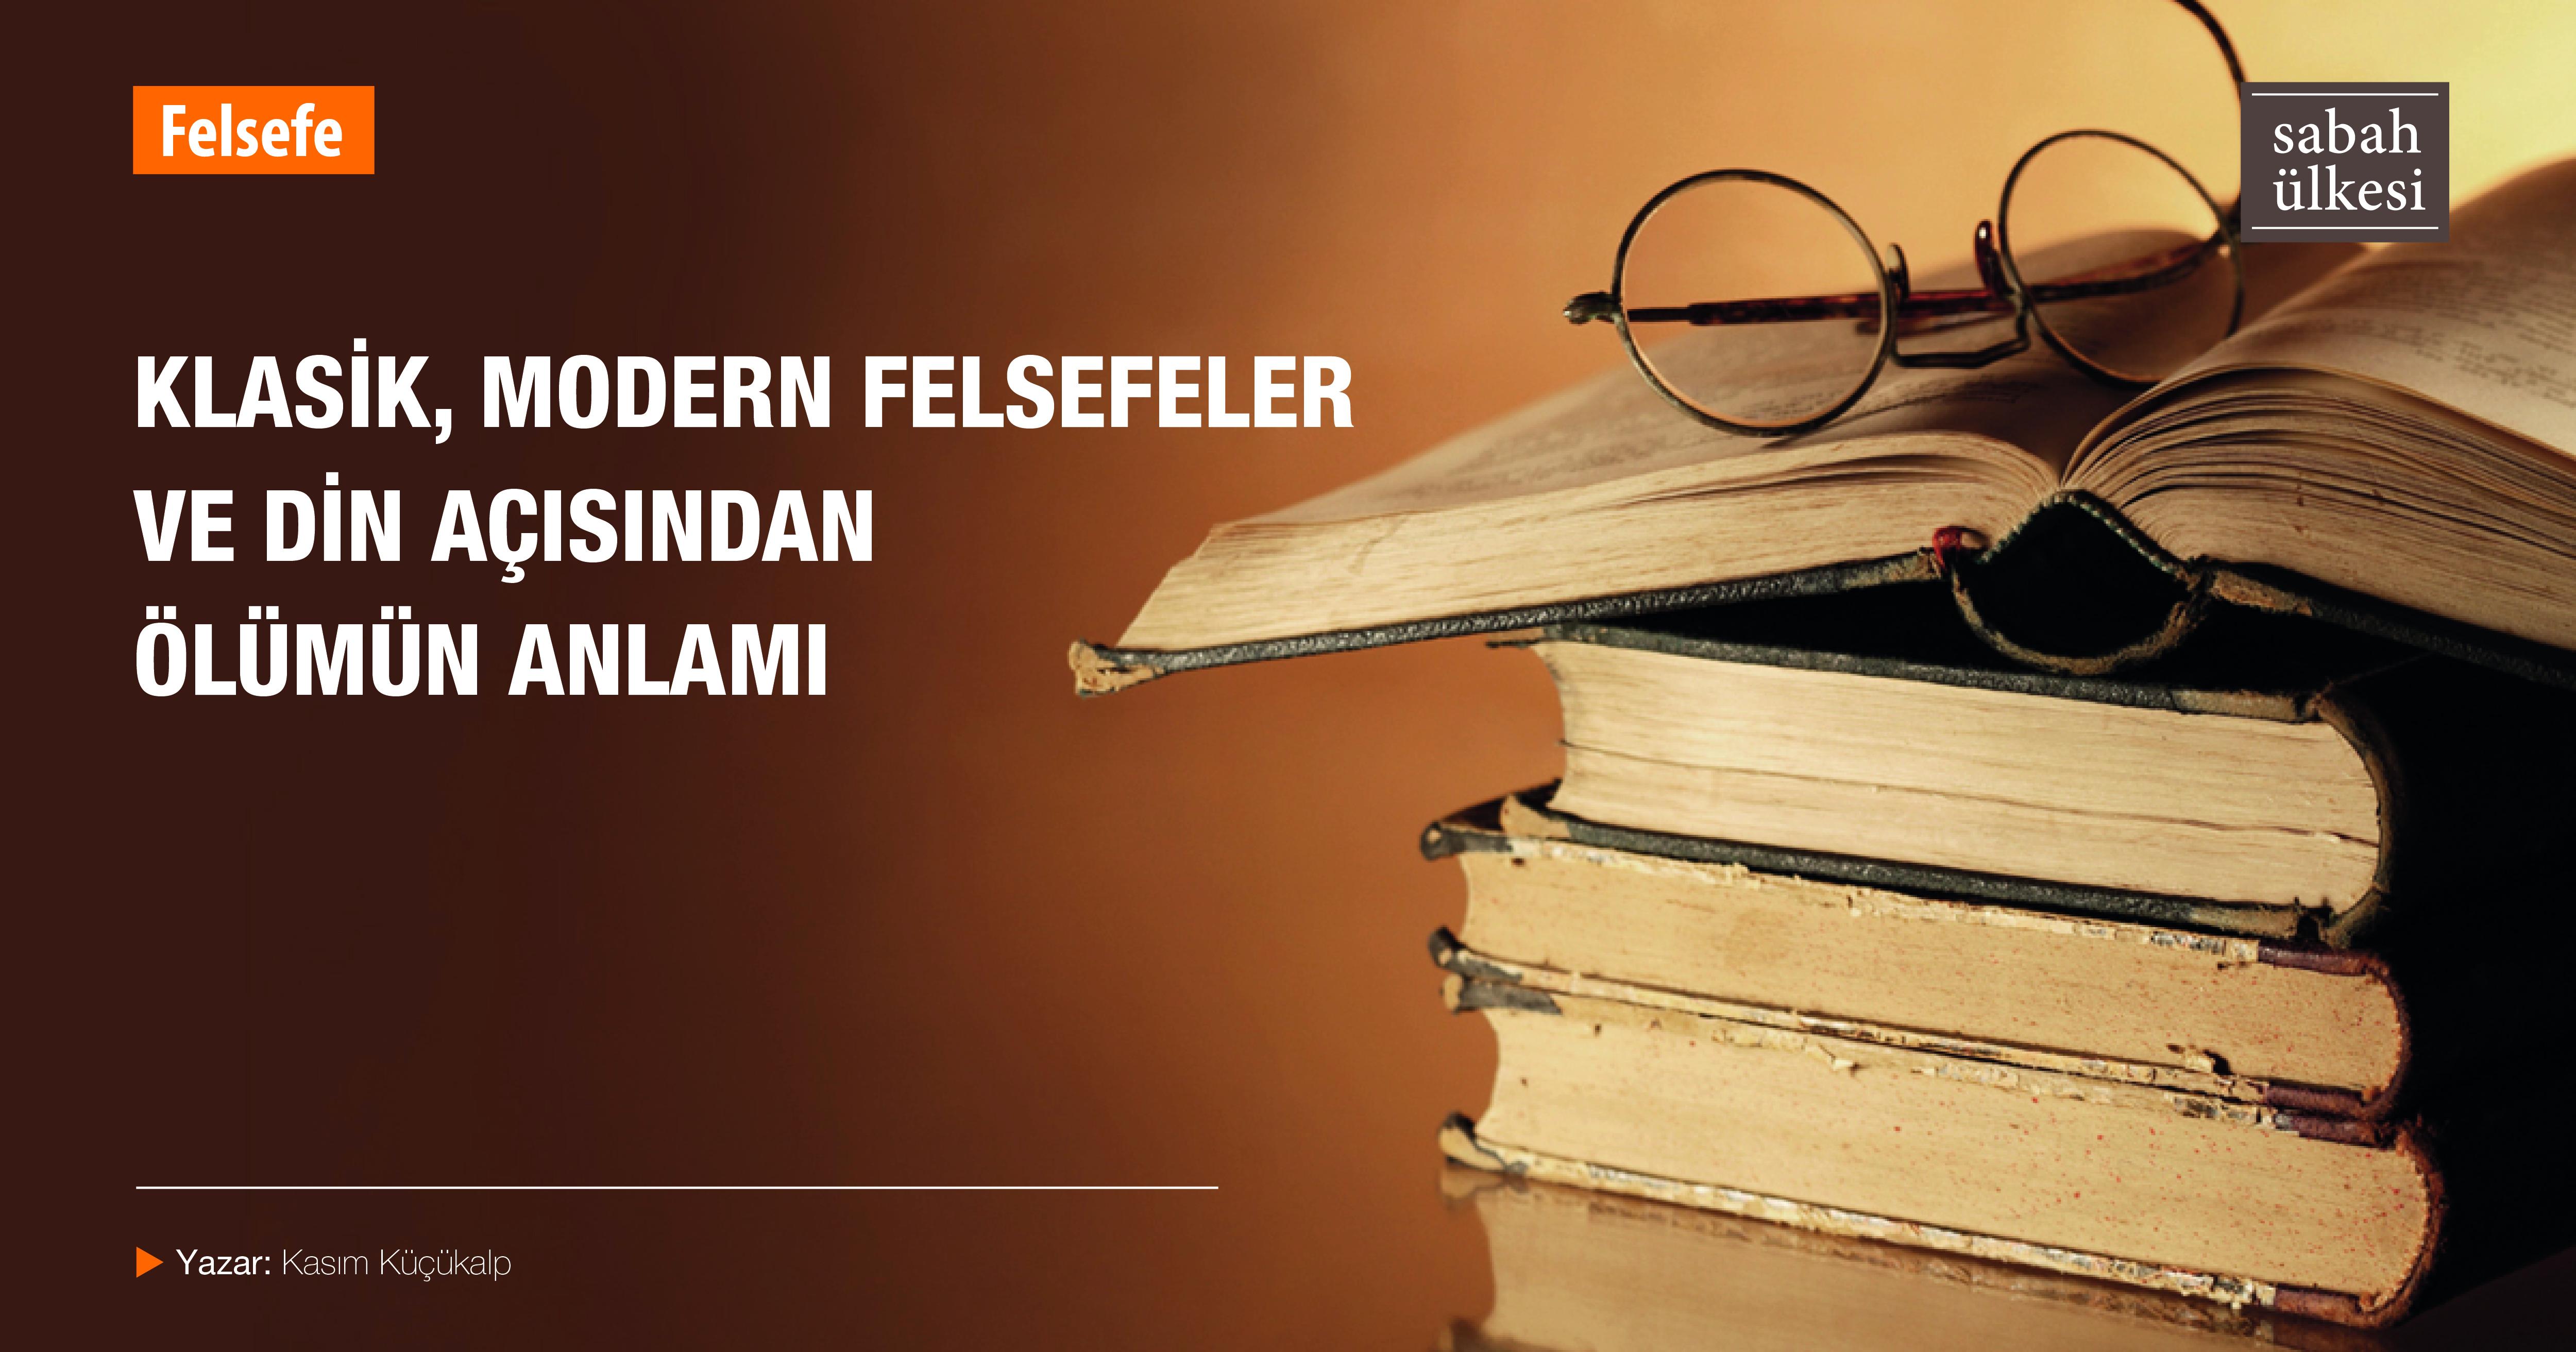 Rüyada babasının öldüğünü sanmak ne anlama gelir İslami